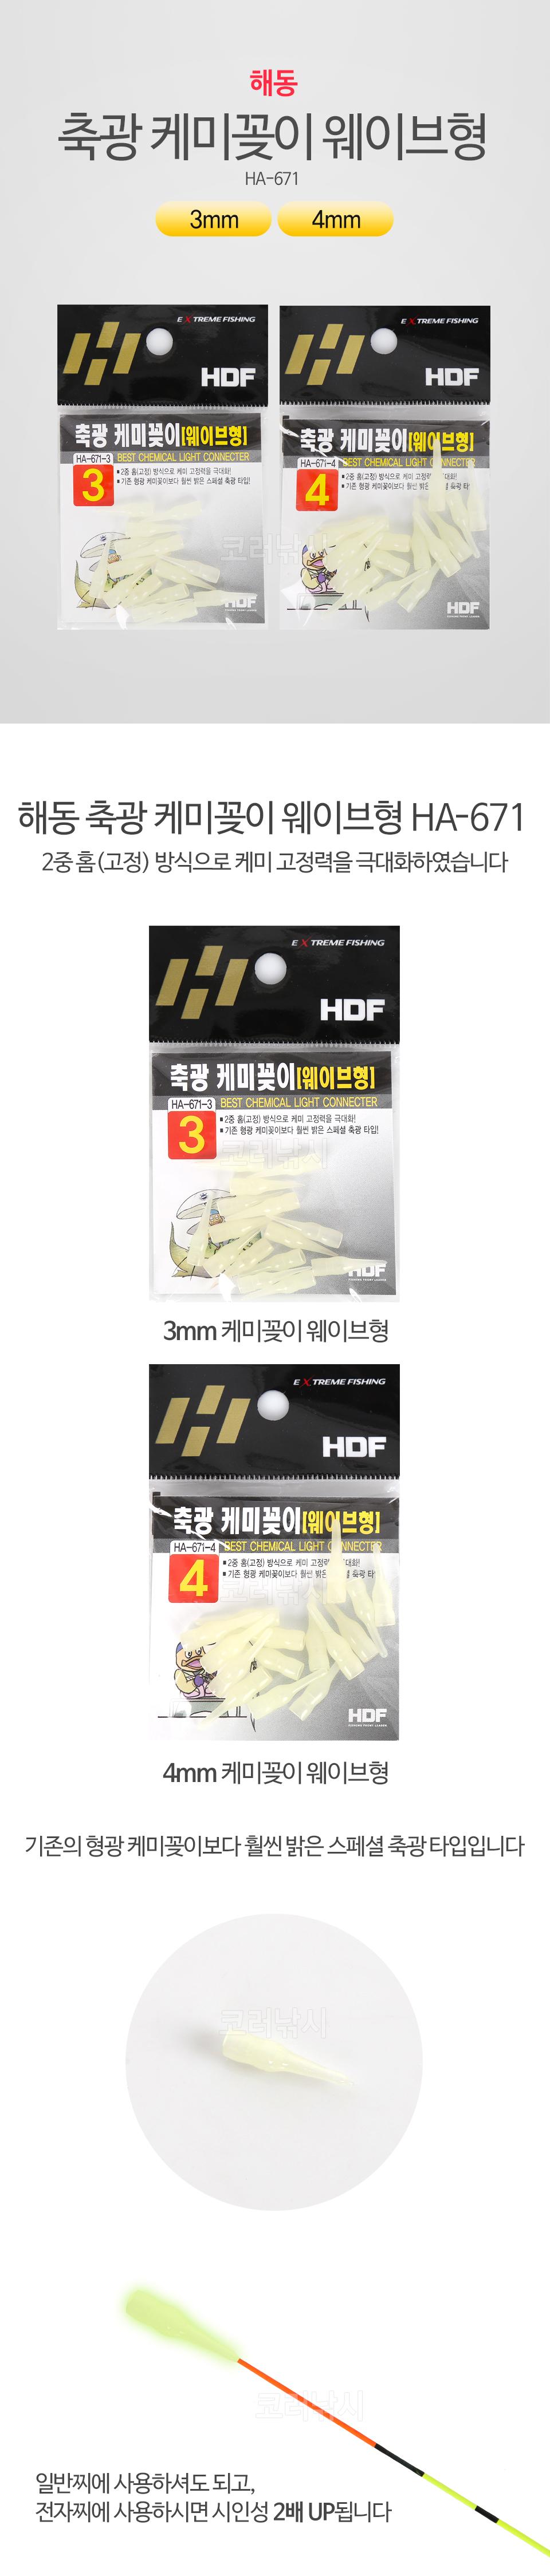 해동 축광 케미꽂이 웨이브형 HA-671 3mm 4mm 대물채비소품 붕어낚시소품 붕어소품 붕어채비소품 끝보기케미 낚시대끝보기 수초직공